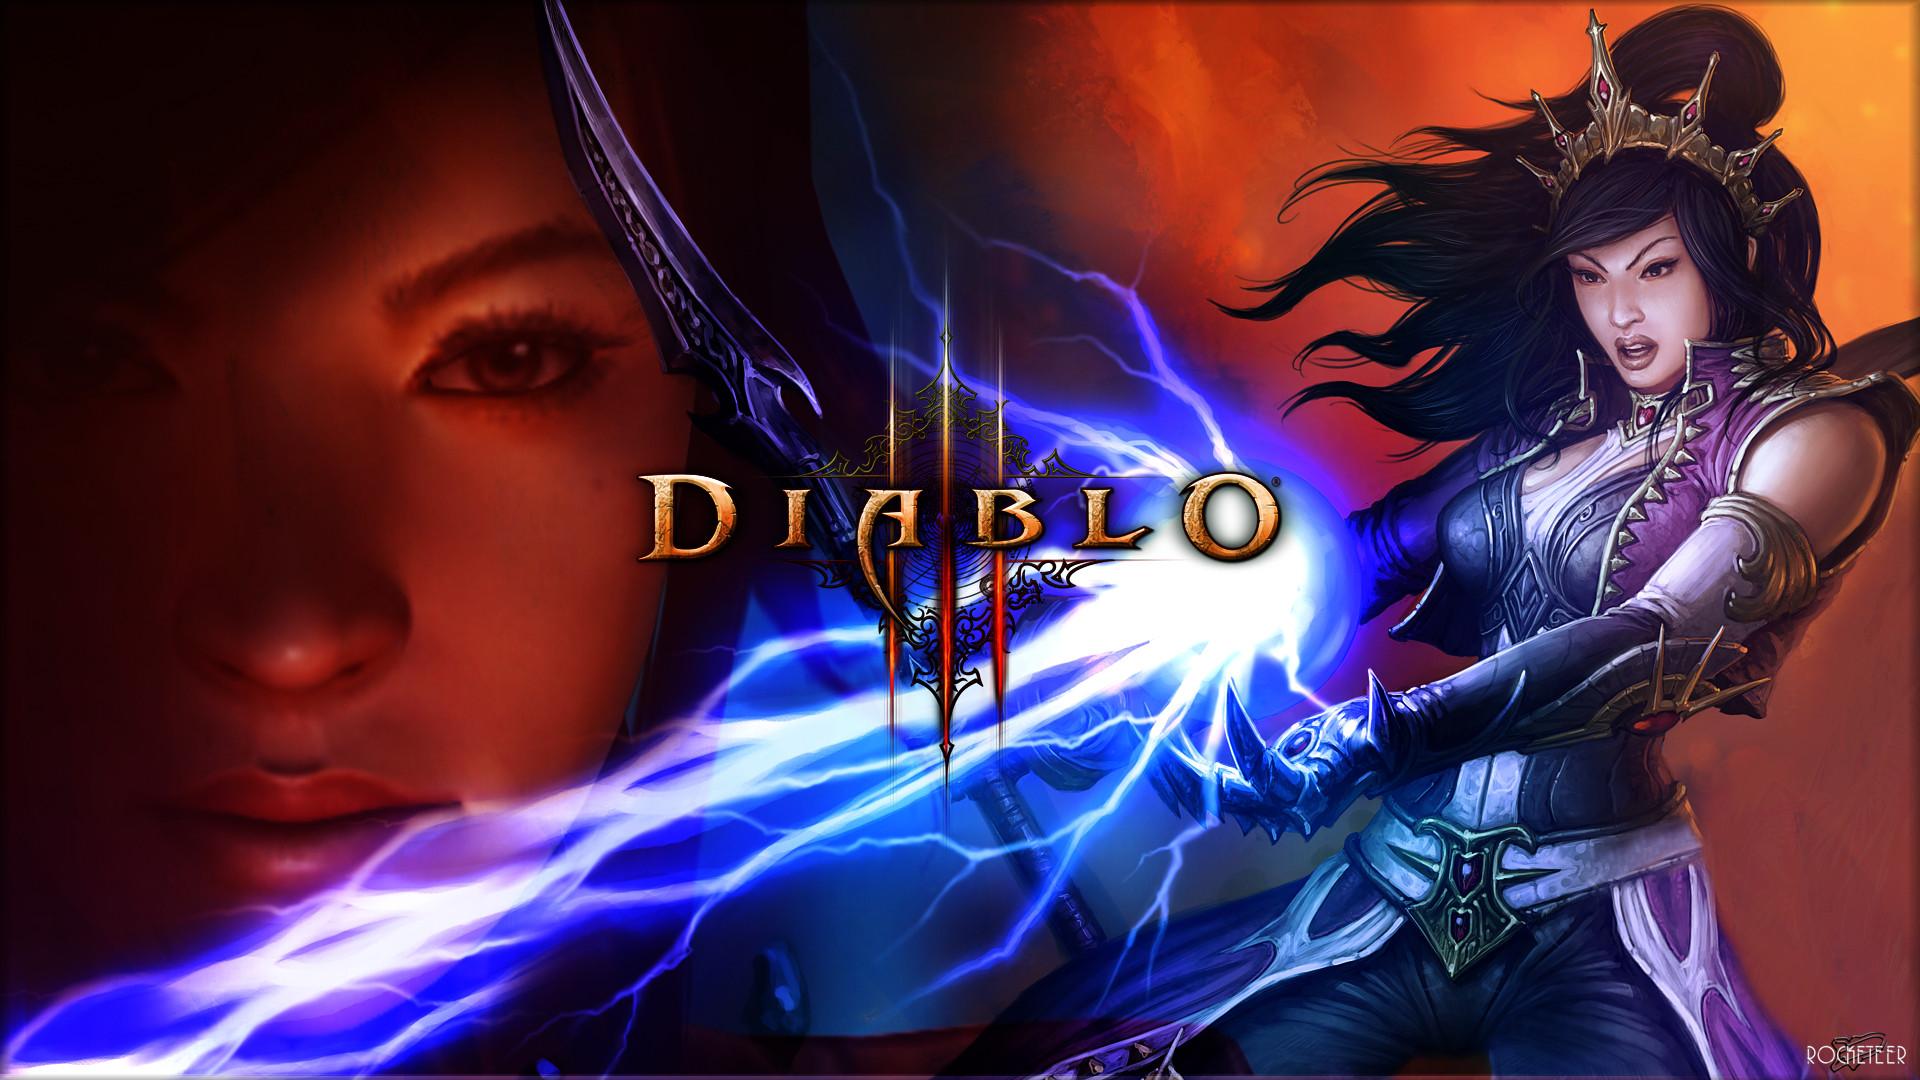 Diablo 3 Female Wizard wallpaper from Diablo 3 wallpapers